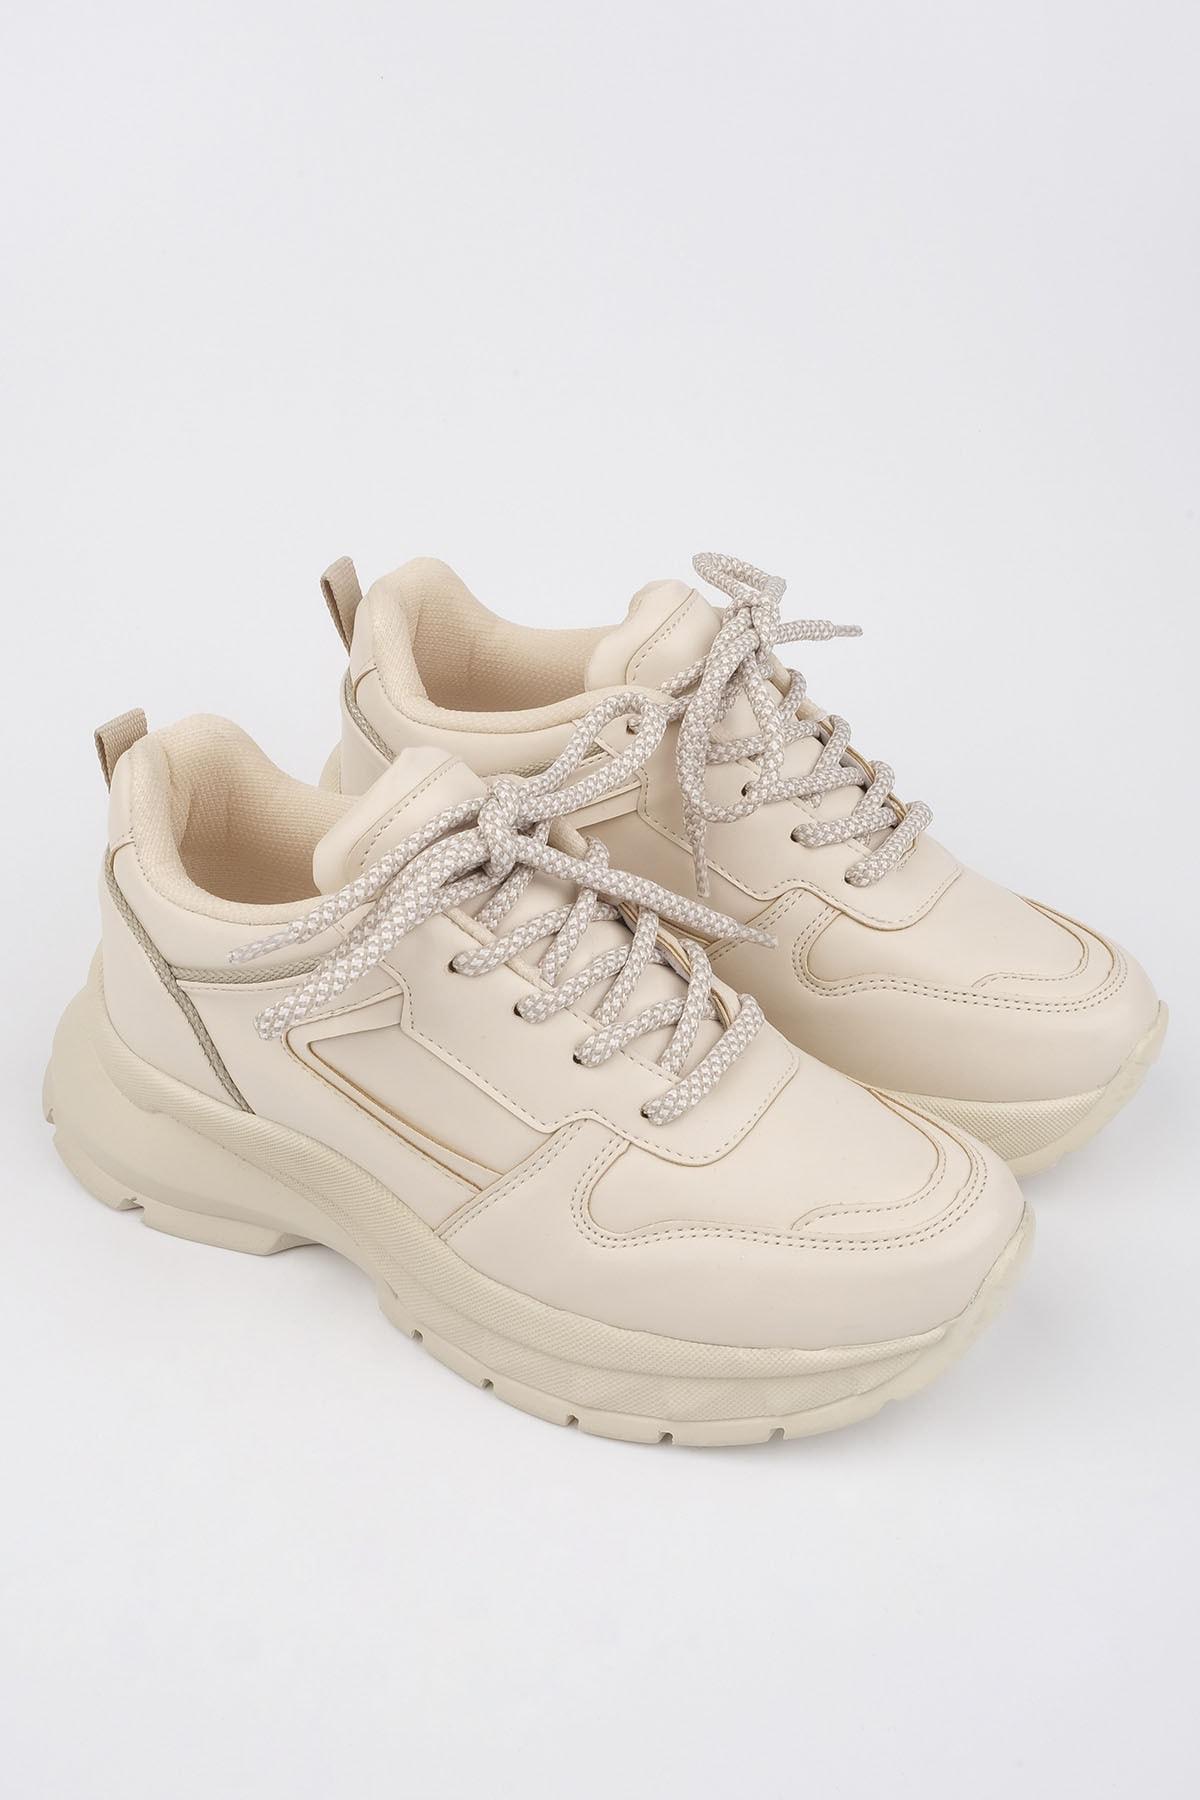 Marjin Kadın Bej Sneaker Dolgu Topuk Spor Ayakkabı Besri 3